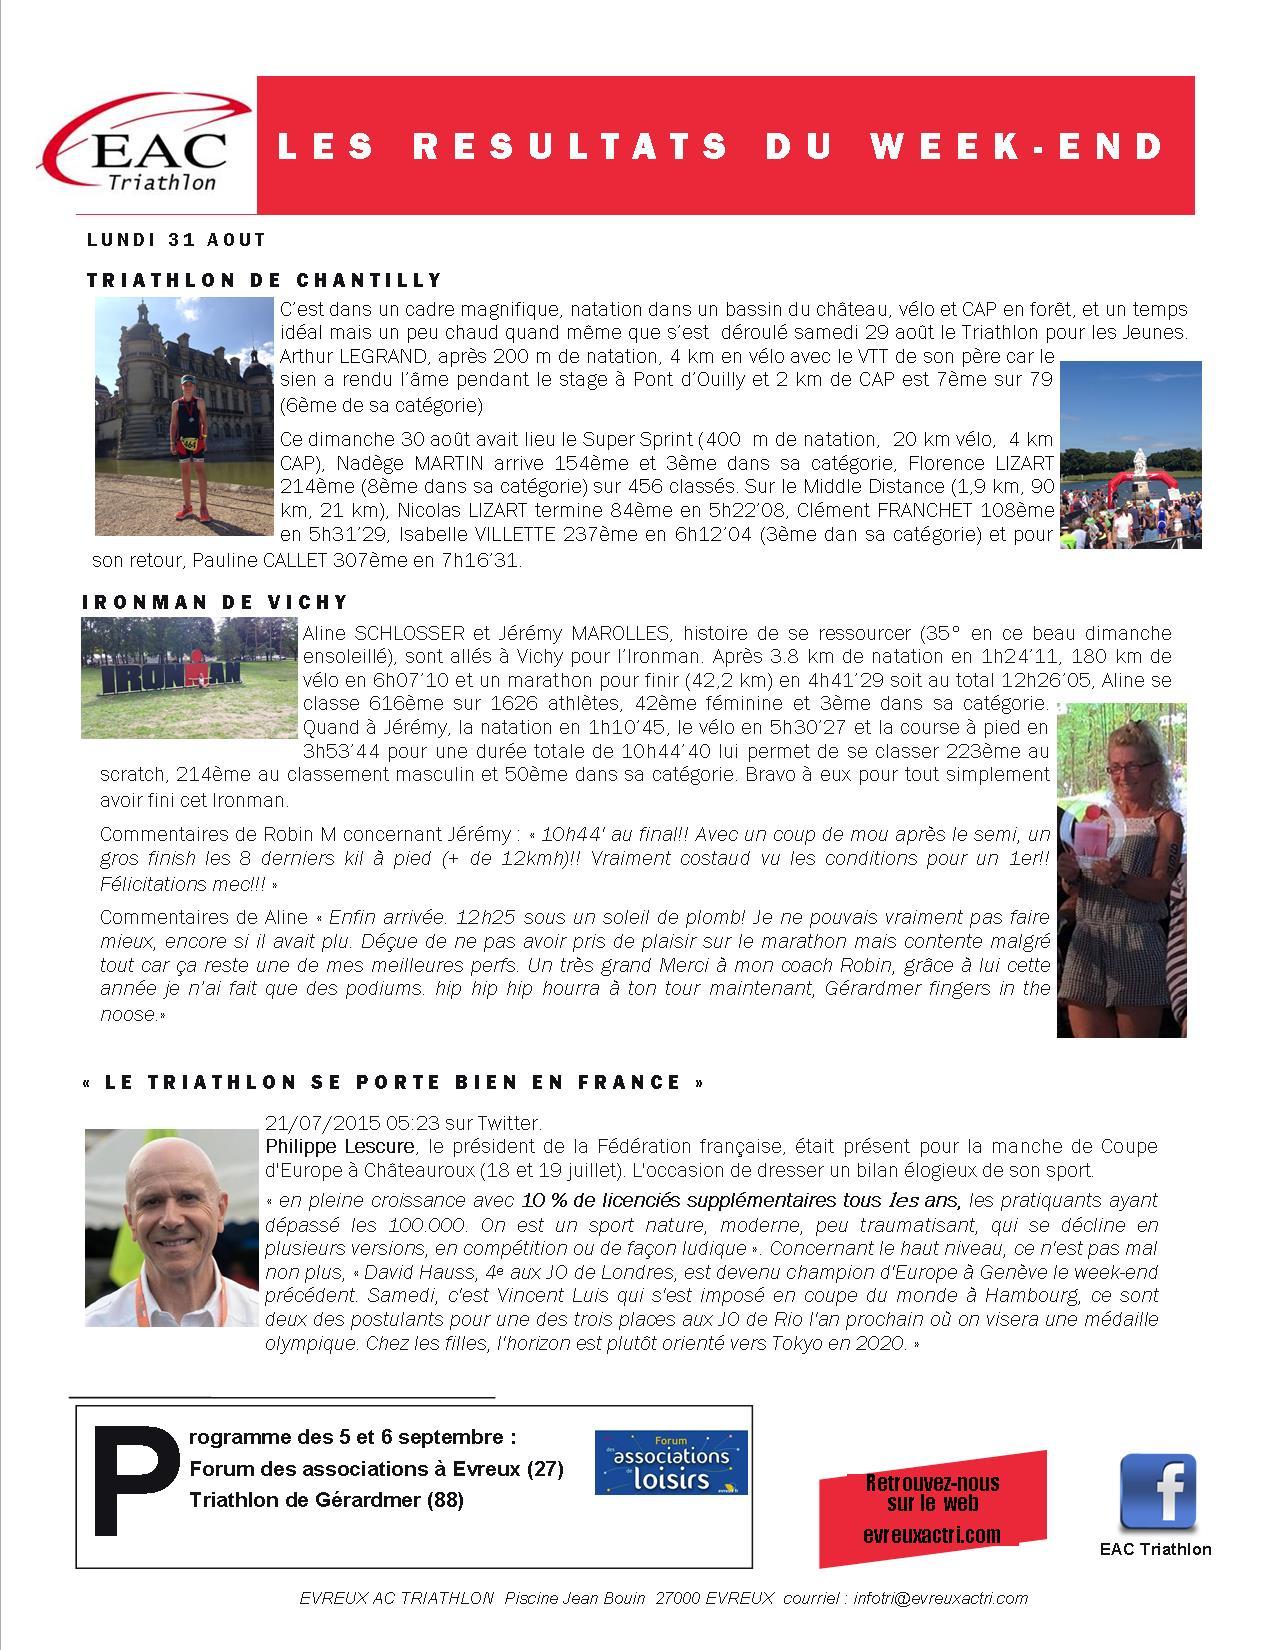 2015 08 31 vouglans etel ferte bernard chantilly vichy p2